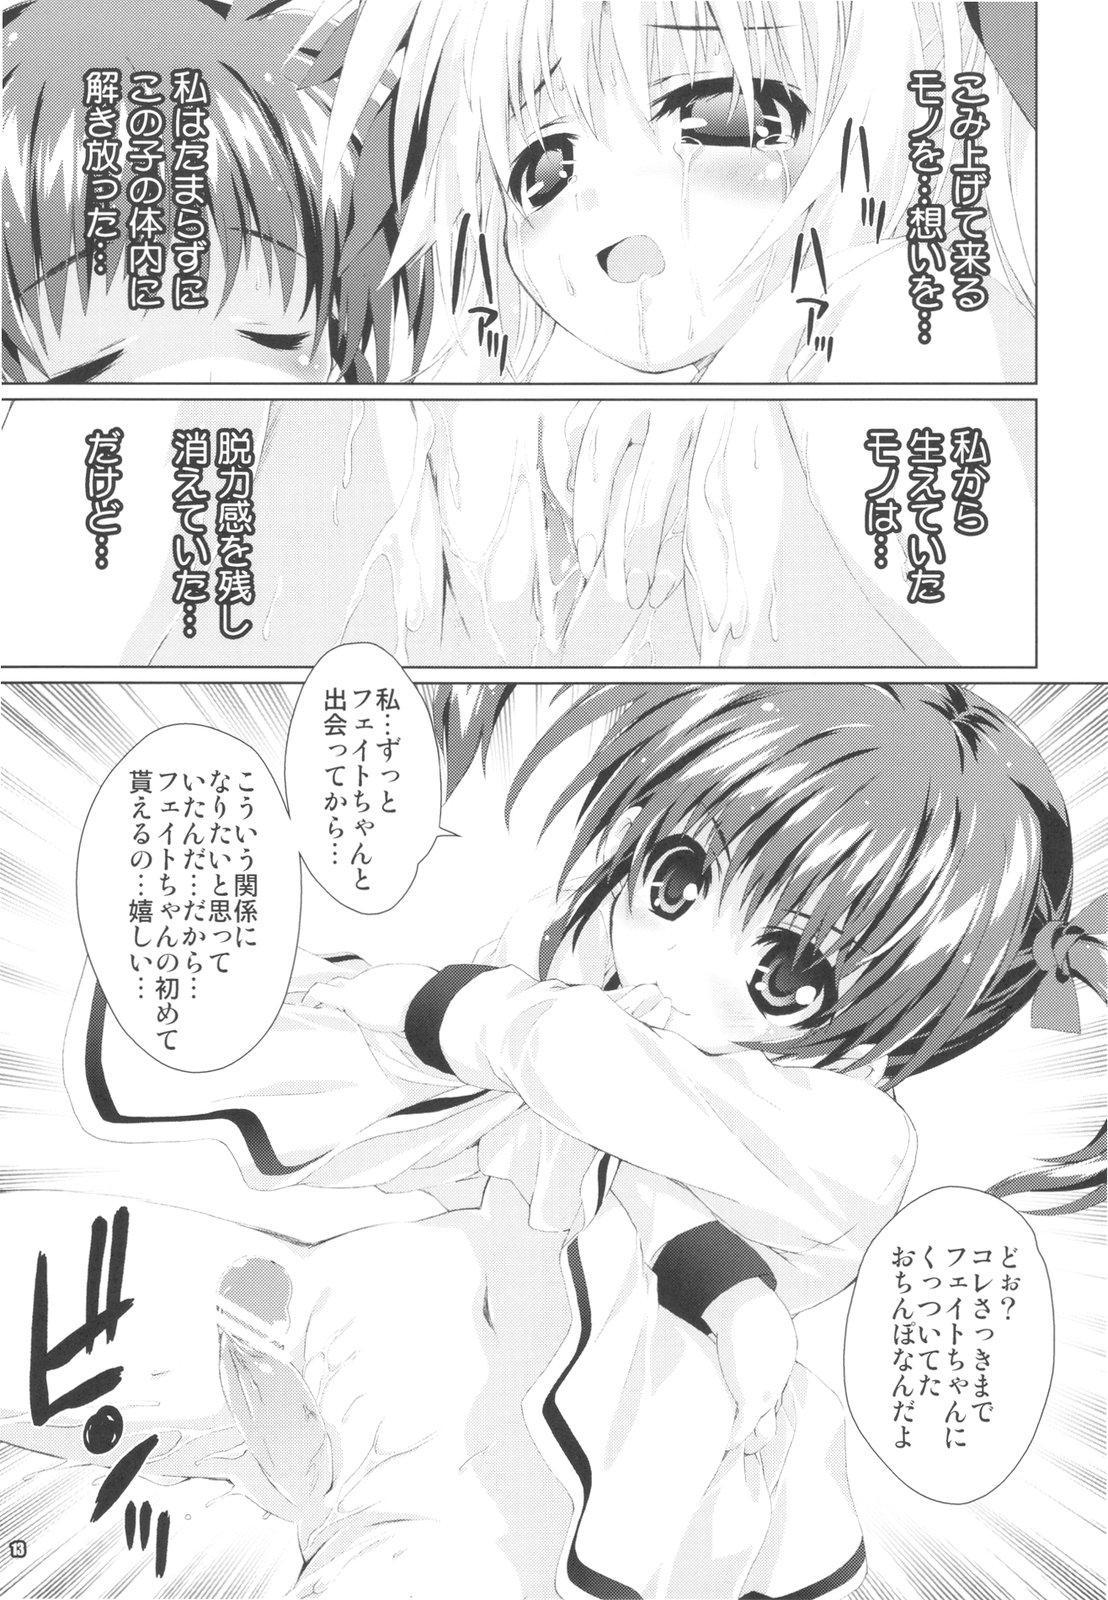 Mahou Shoujo 9 12